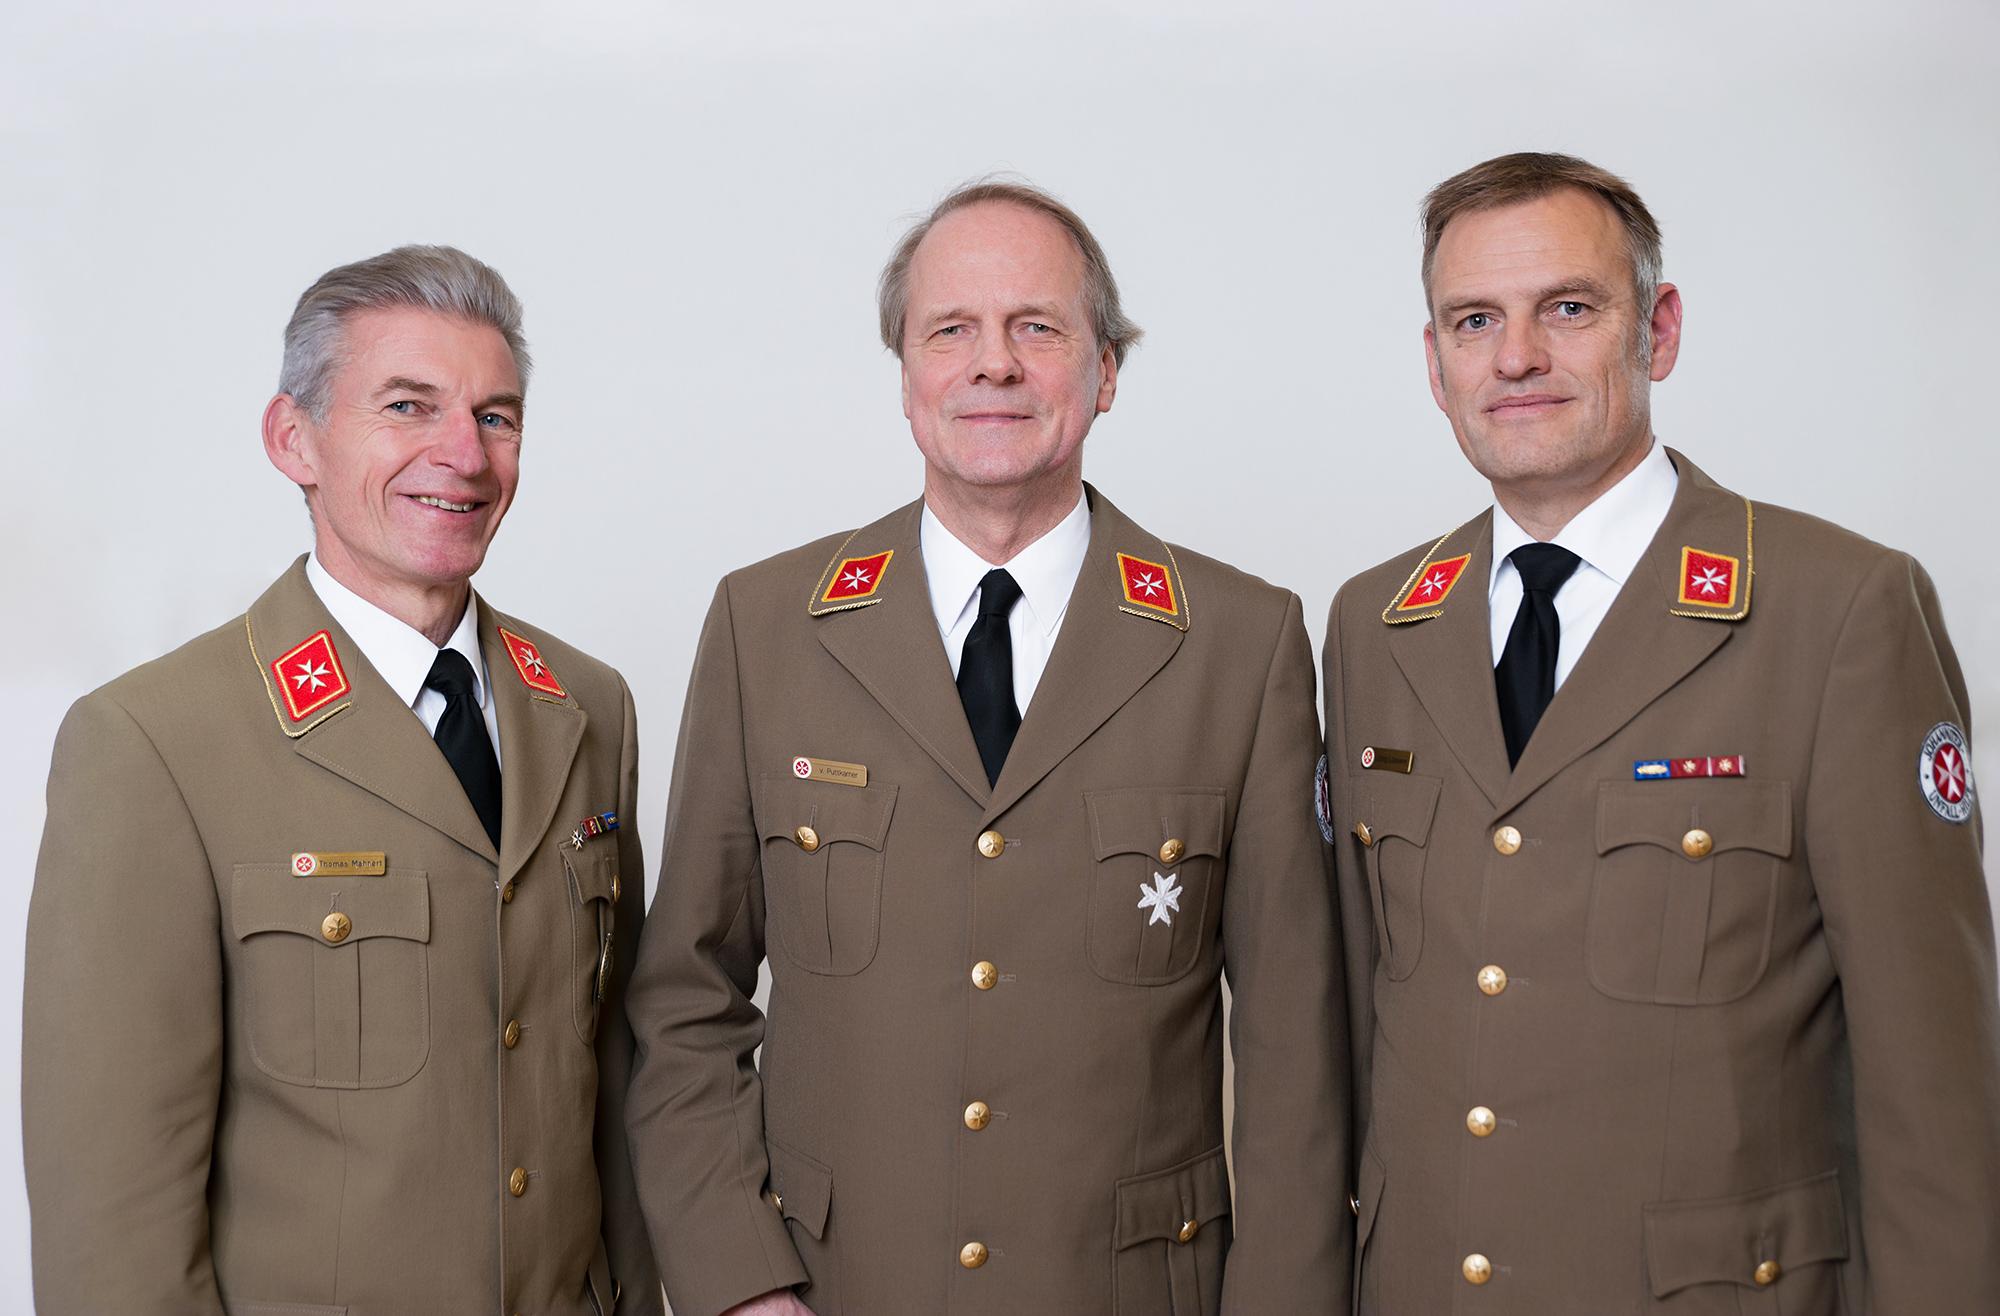 Thomas Mähnert, Hubertus v. Puttkamer, Jörg Lüssem